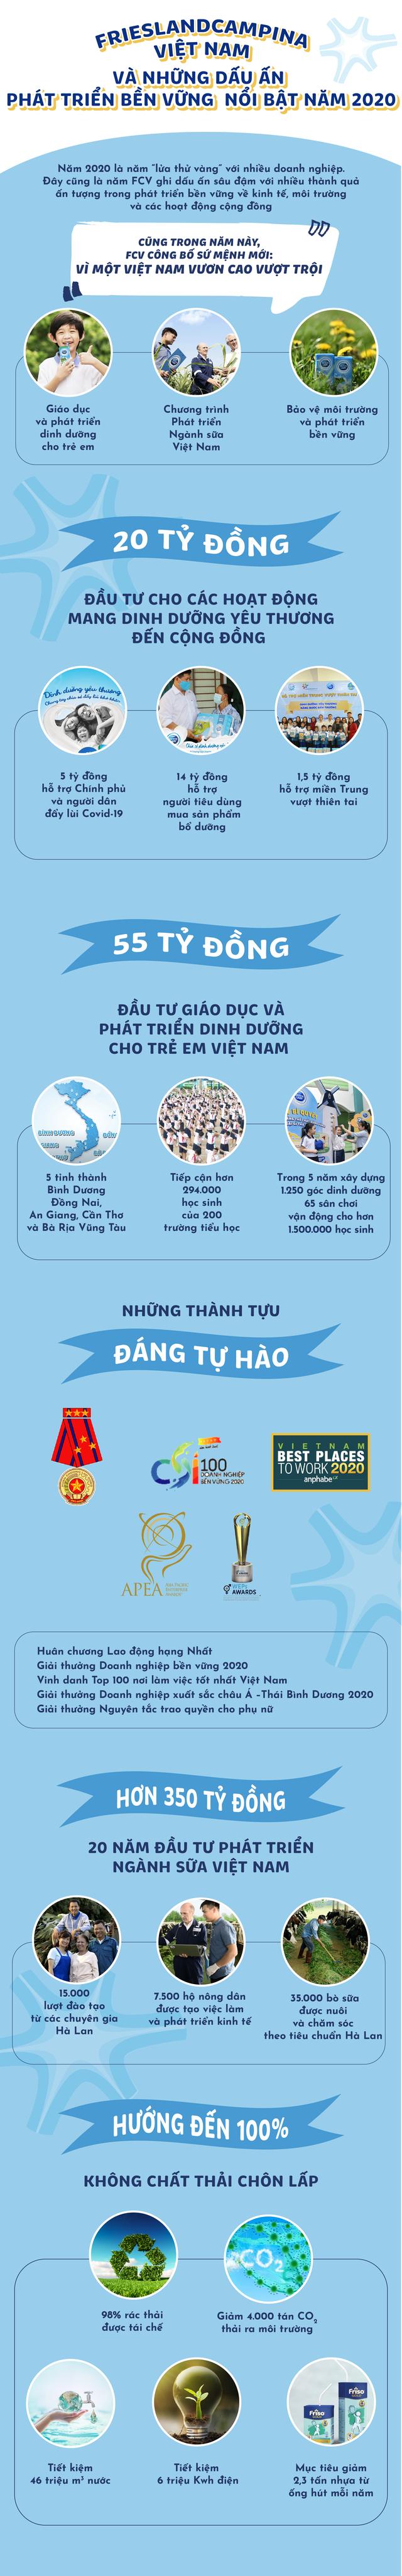 FrieslandCampina Việt Nam và những dấu ấn phát triển bền vững nổi bật năm 2020 - 1